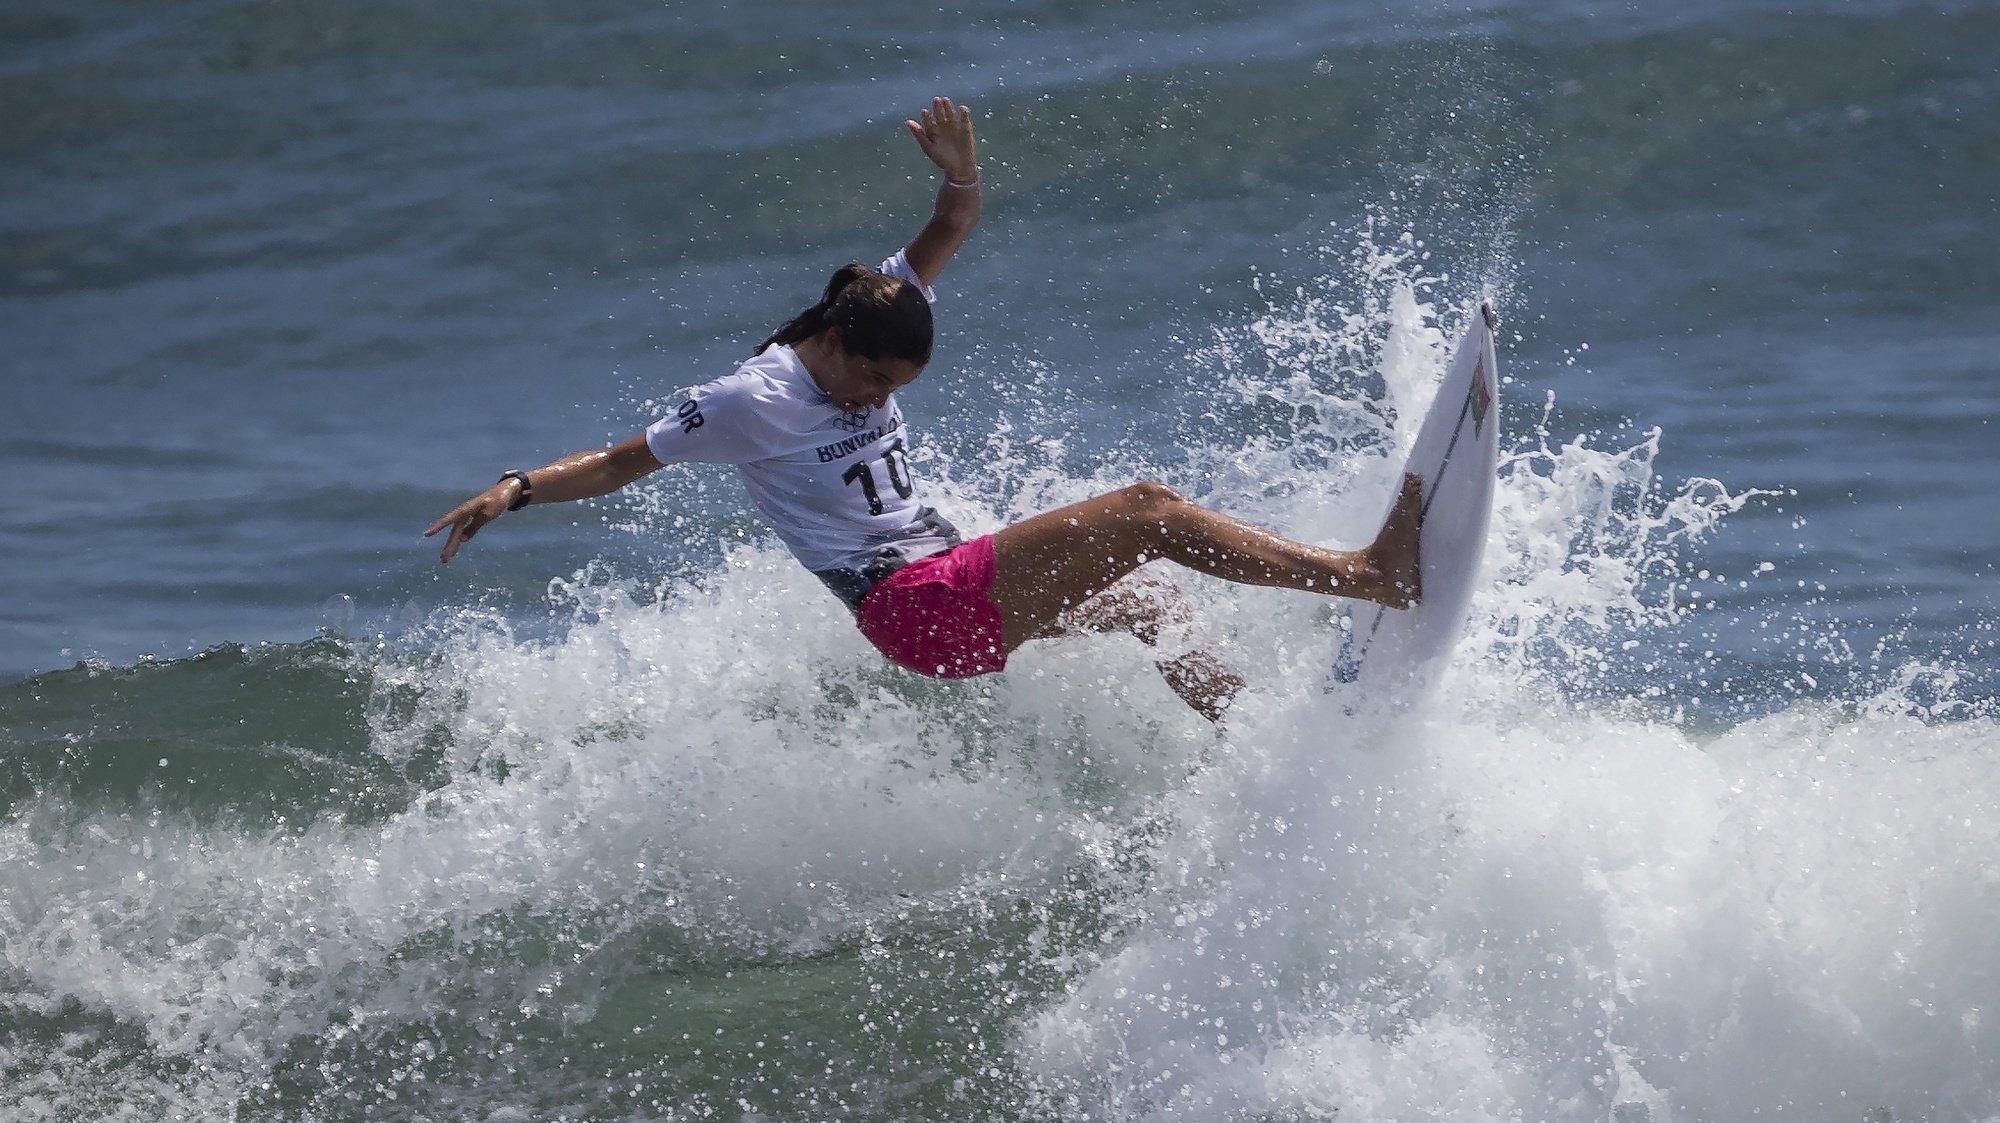 A portuguesa Teresa Bonvalot em ação na primeira ronda do surf olímpico de Tóquio2020, na praia de Tsurigasaki, em Chiba, a cerca de 100 quilómetros de Tóquio, Japão, 25 de julho de 2021. JOSÉ COELHO/LUSA